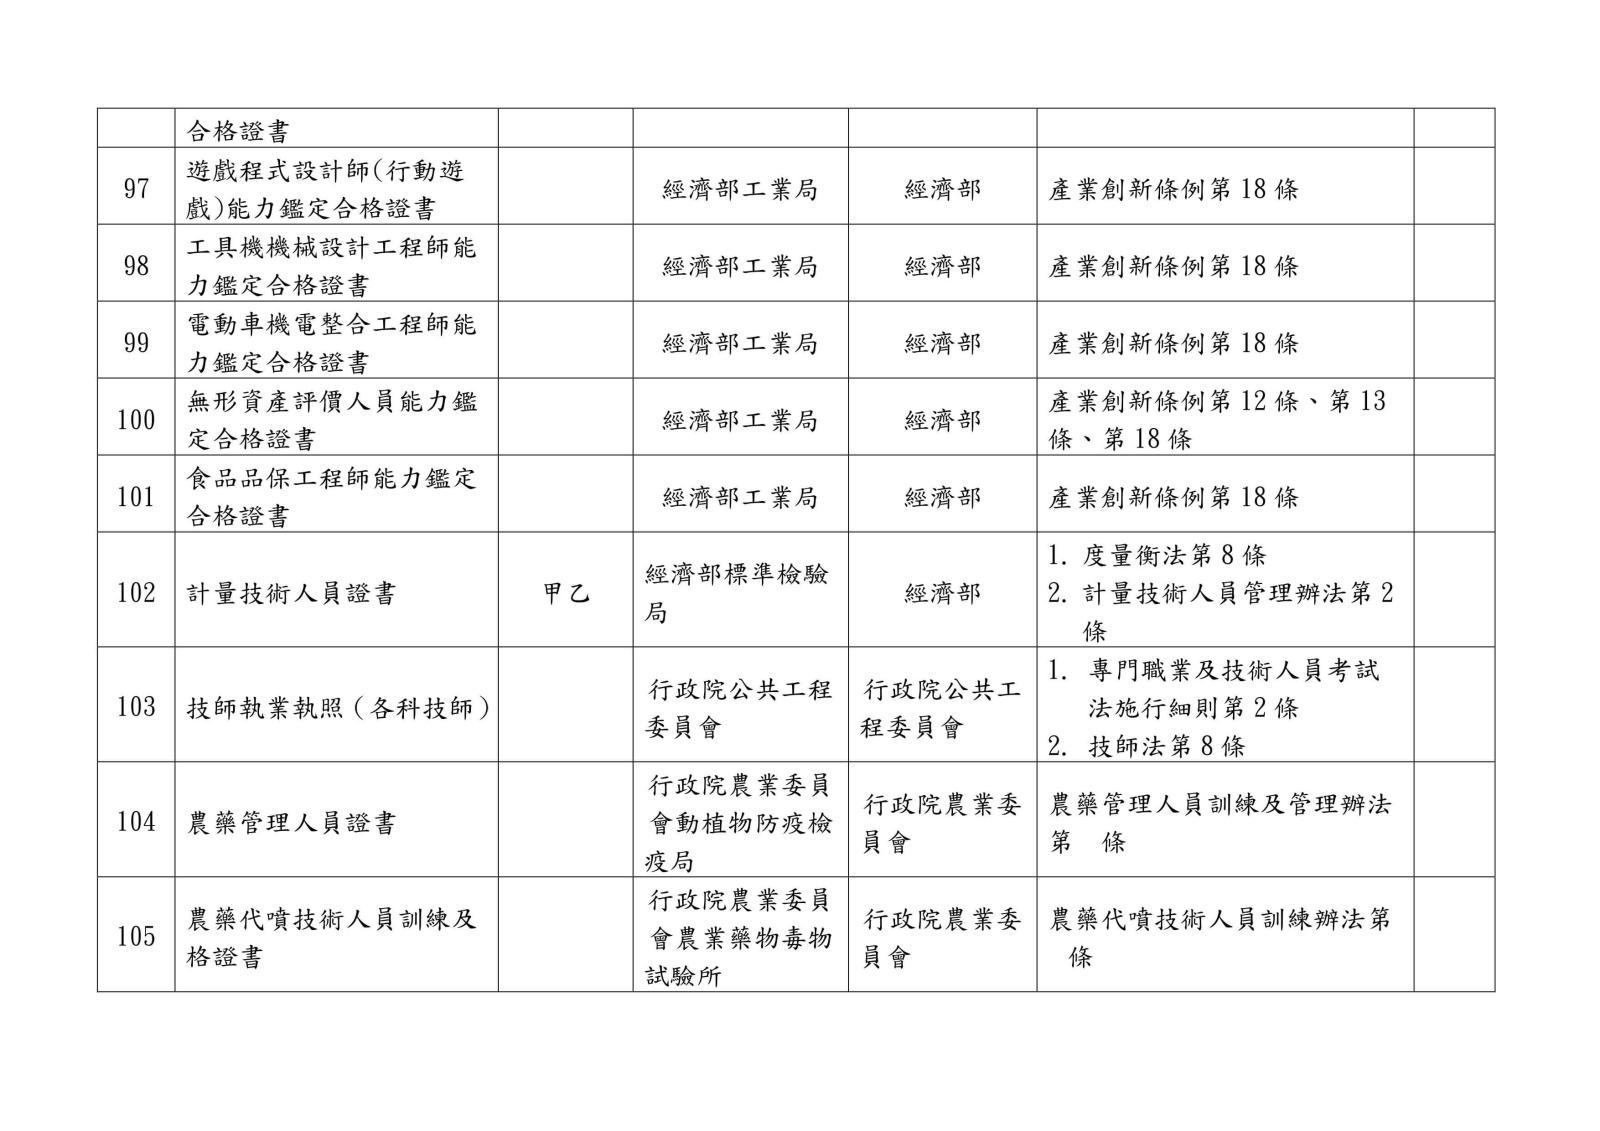 105 年各中央目的事業主管機關核發、委託、認證或認可證照一覽表0026